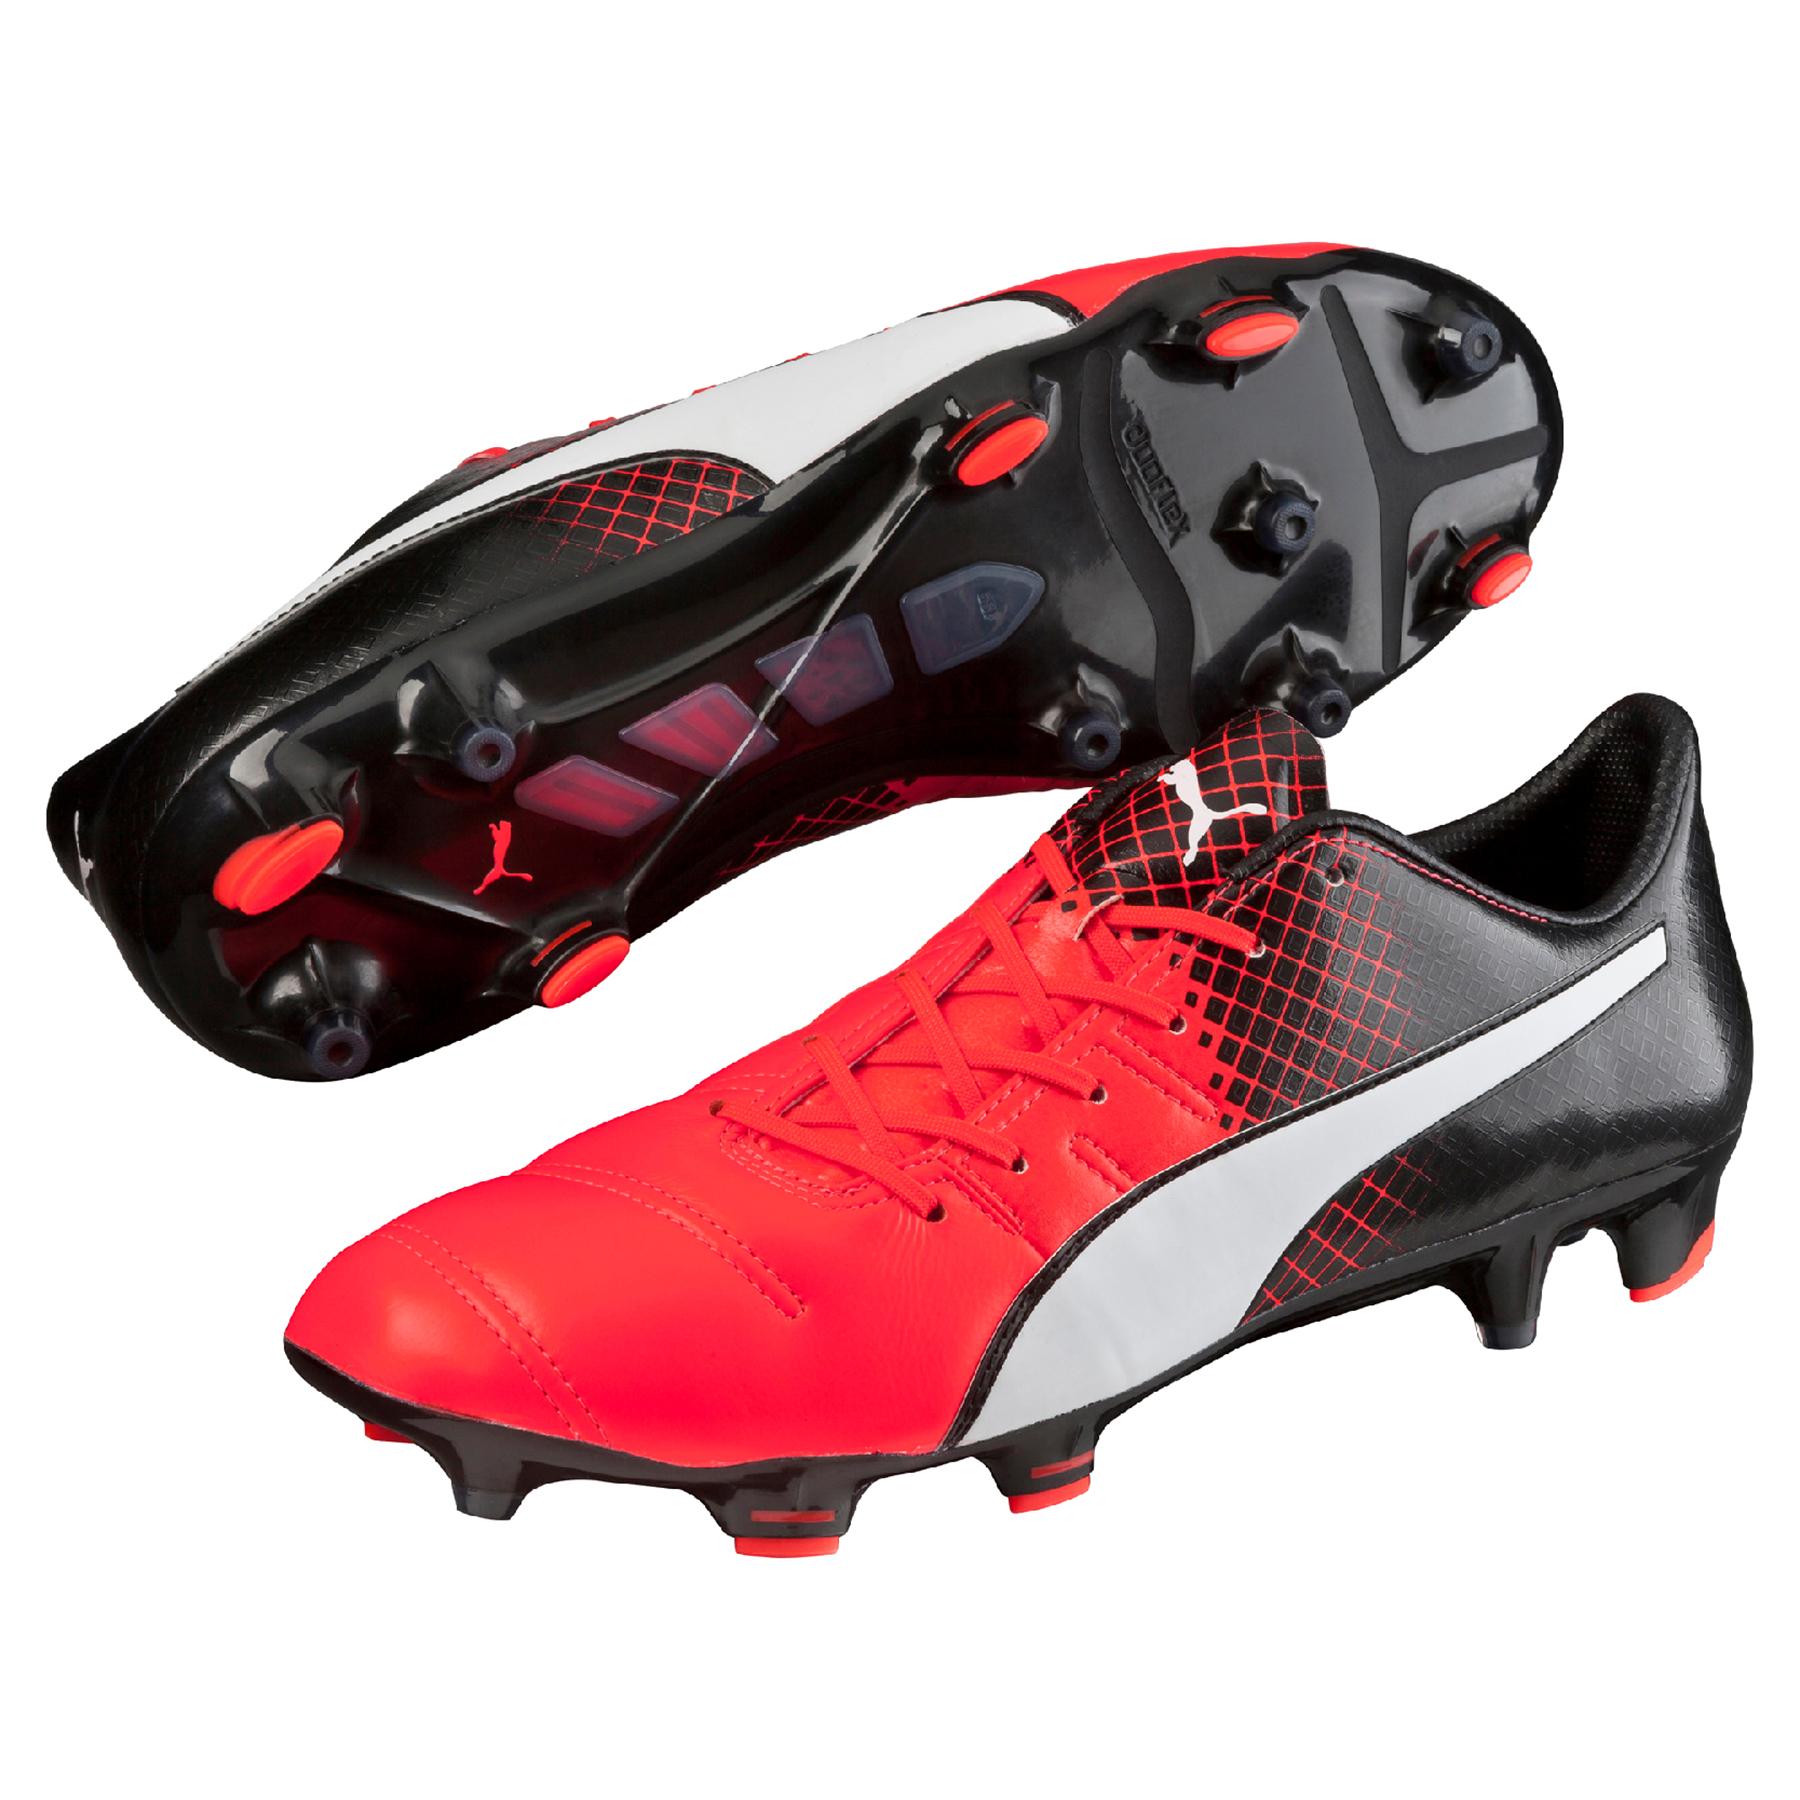 Puma evoPOWER 1.3 Leather FG Red Blast/Puma